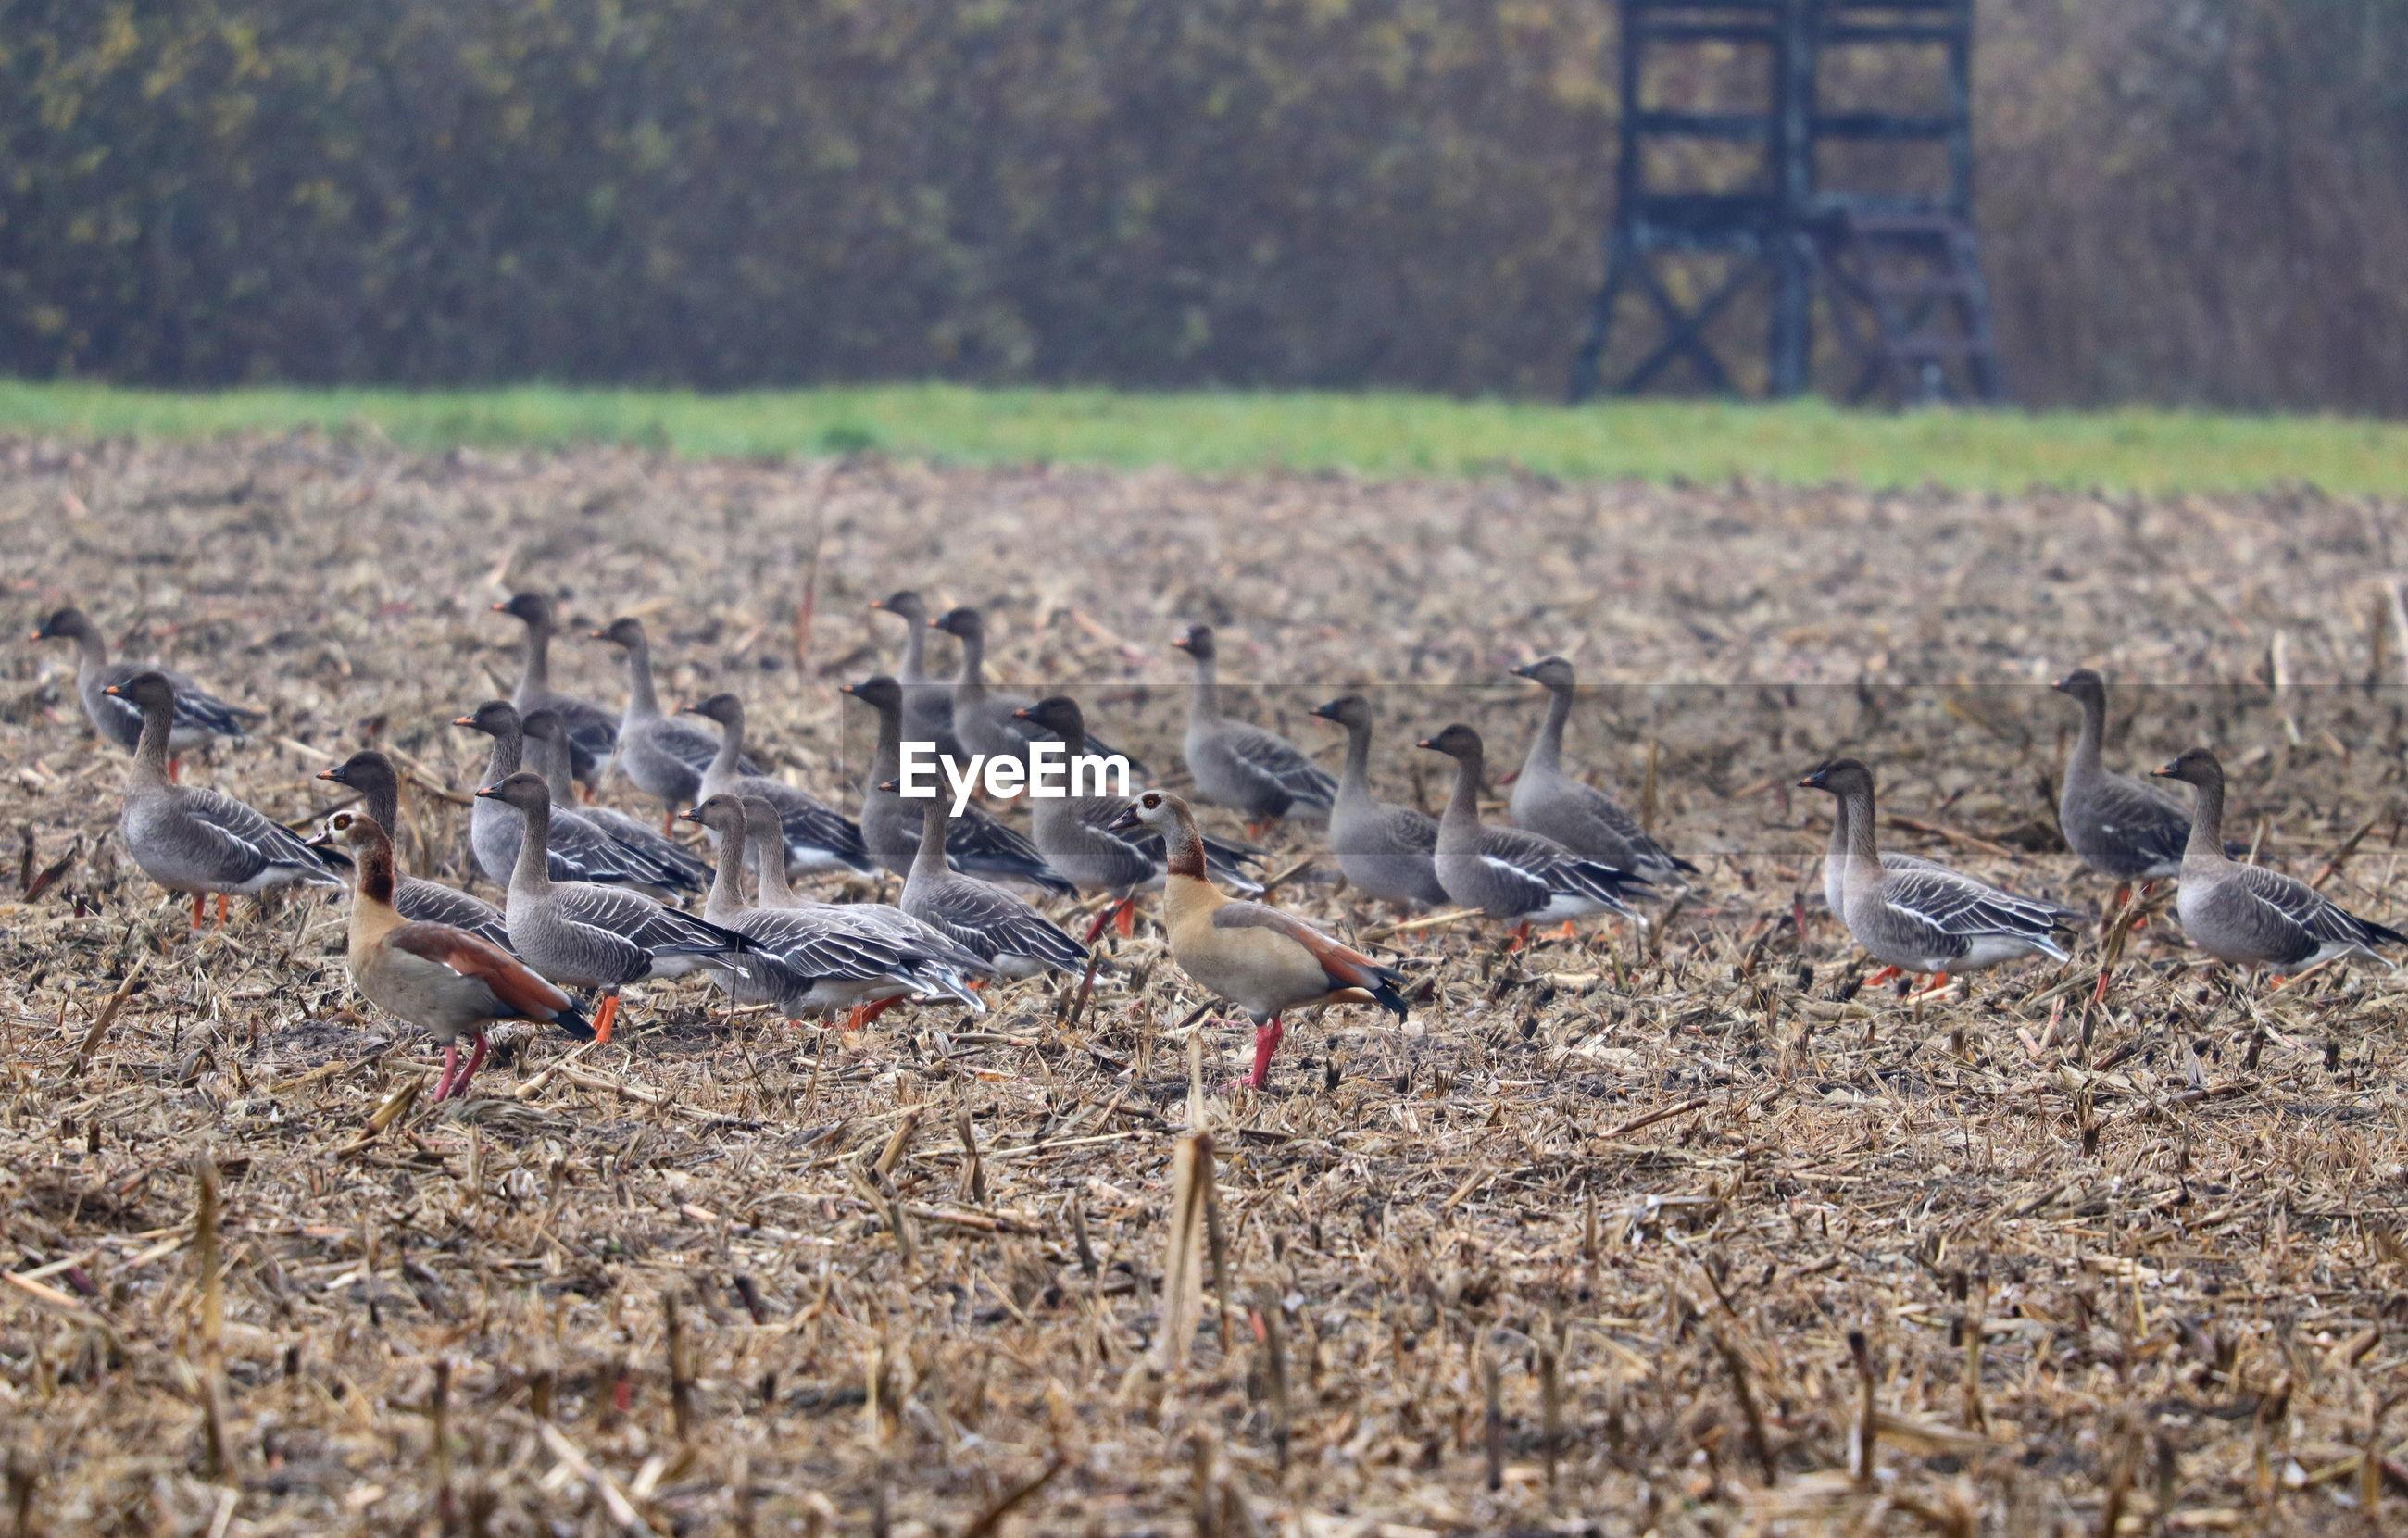 FLOCK OF BIRDS IN FIELD